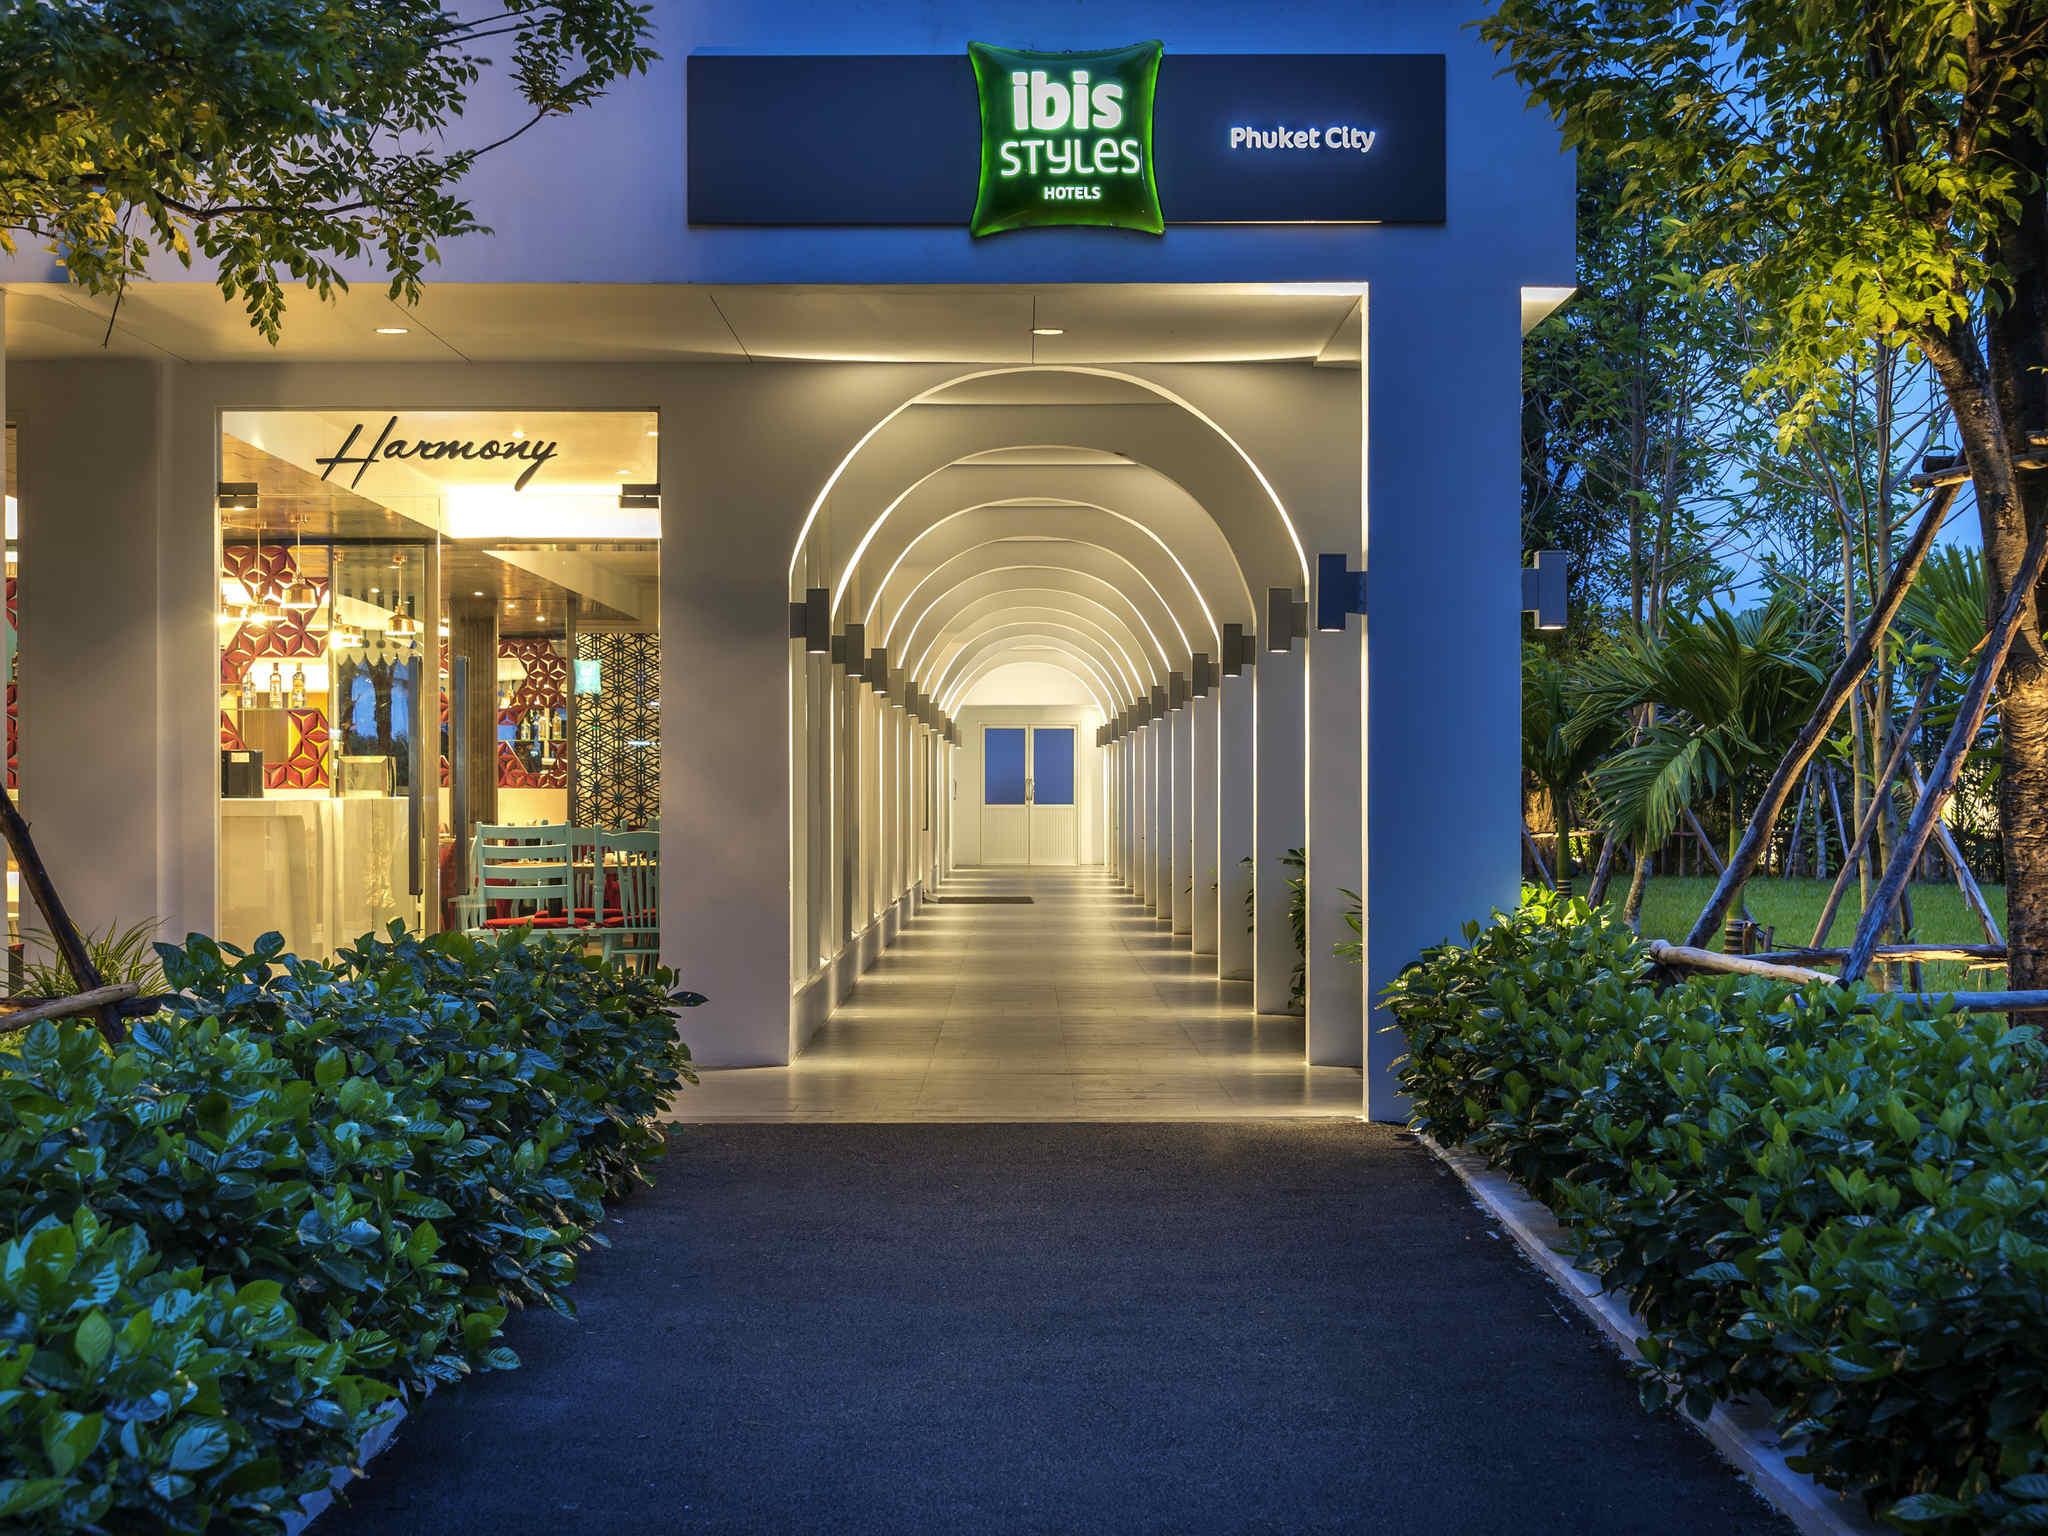 Hotell – ibis Styles Phuket City